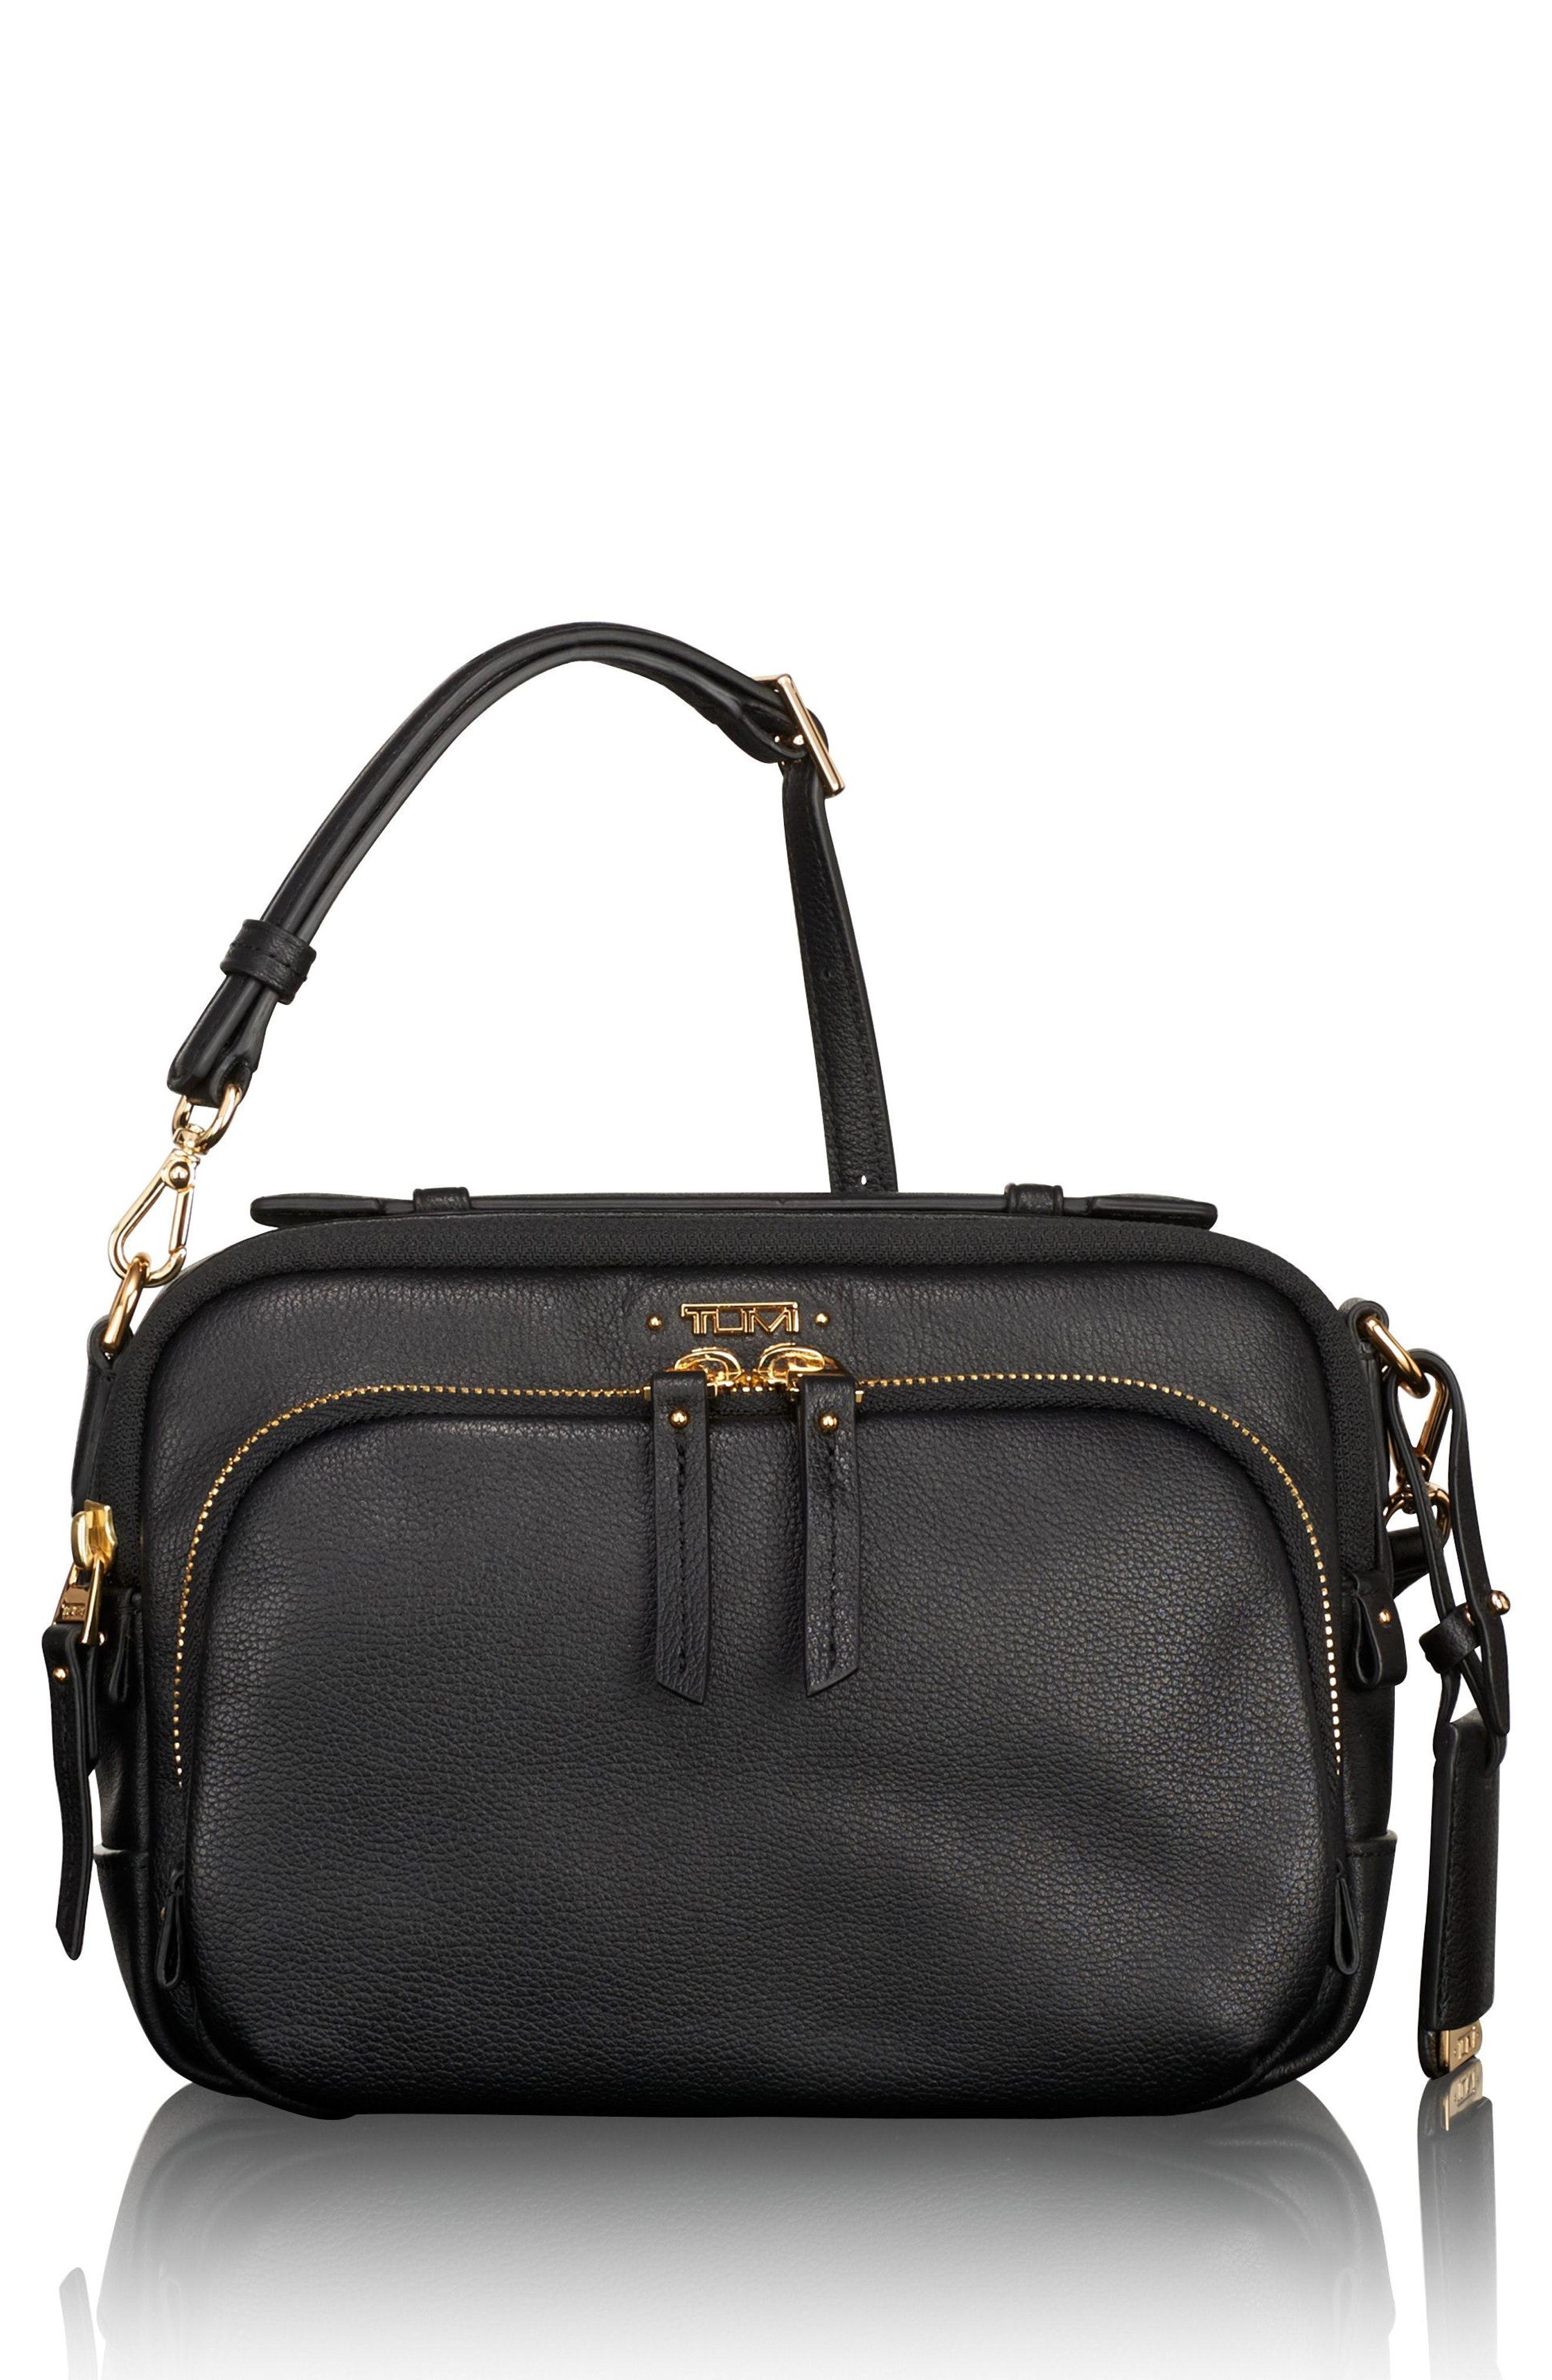 New TUMI Luanda Crossbody Flight Bag fashion online.    295   shop.seehandbags   71472be218b88